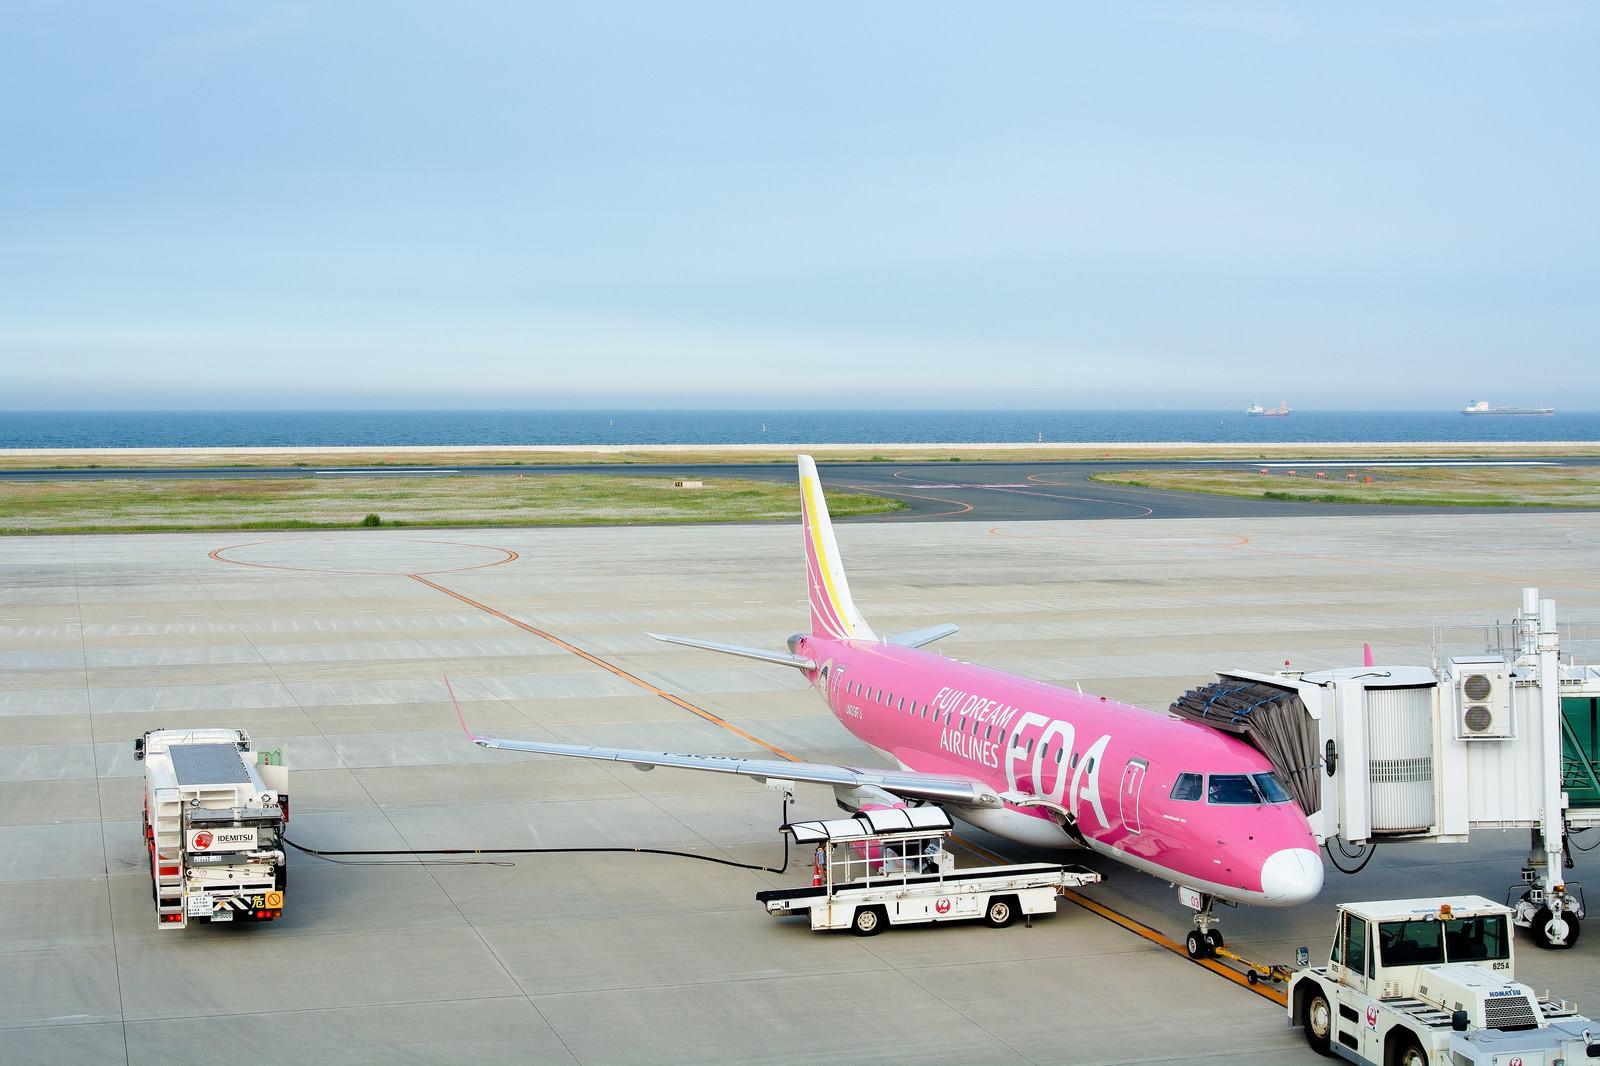 「給油されて出発準備中の旅客機」の写真